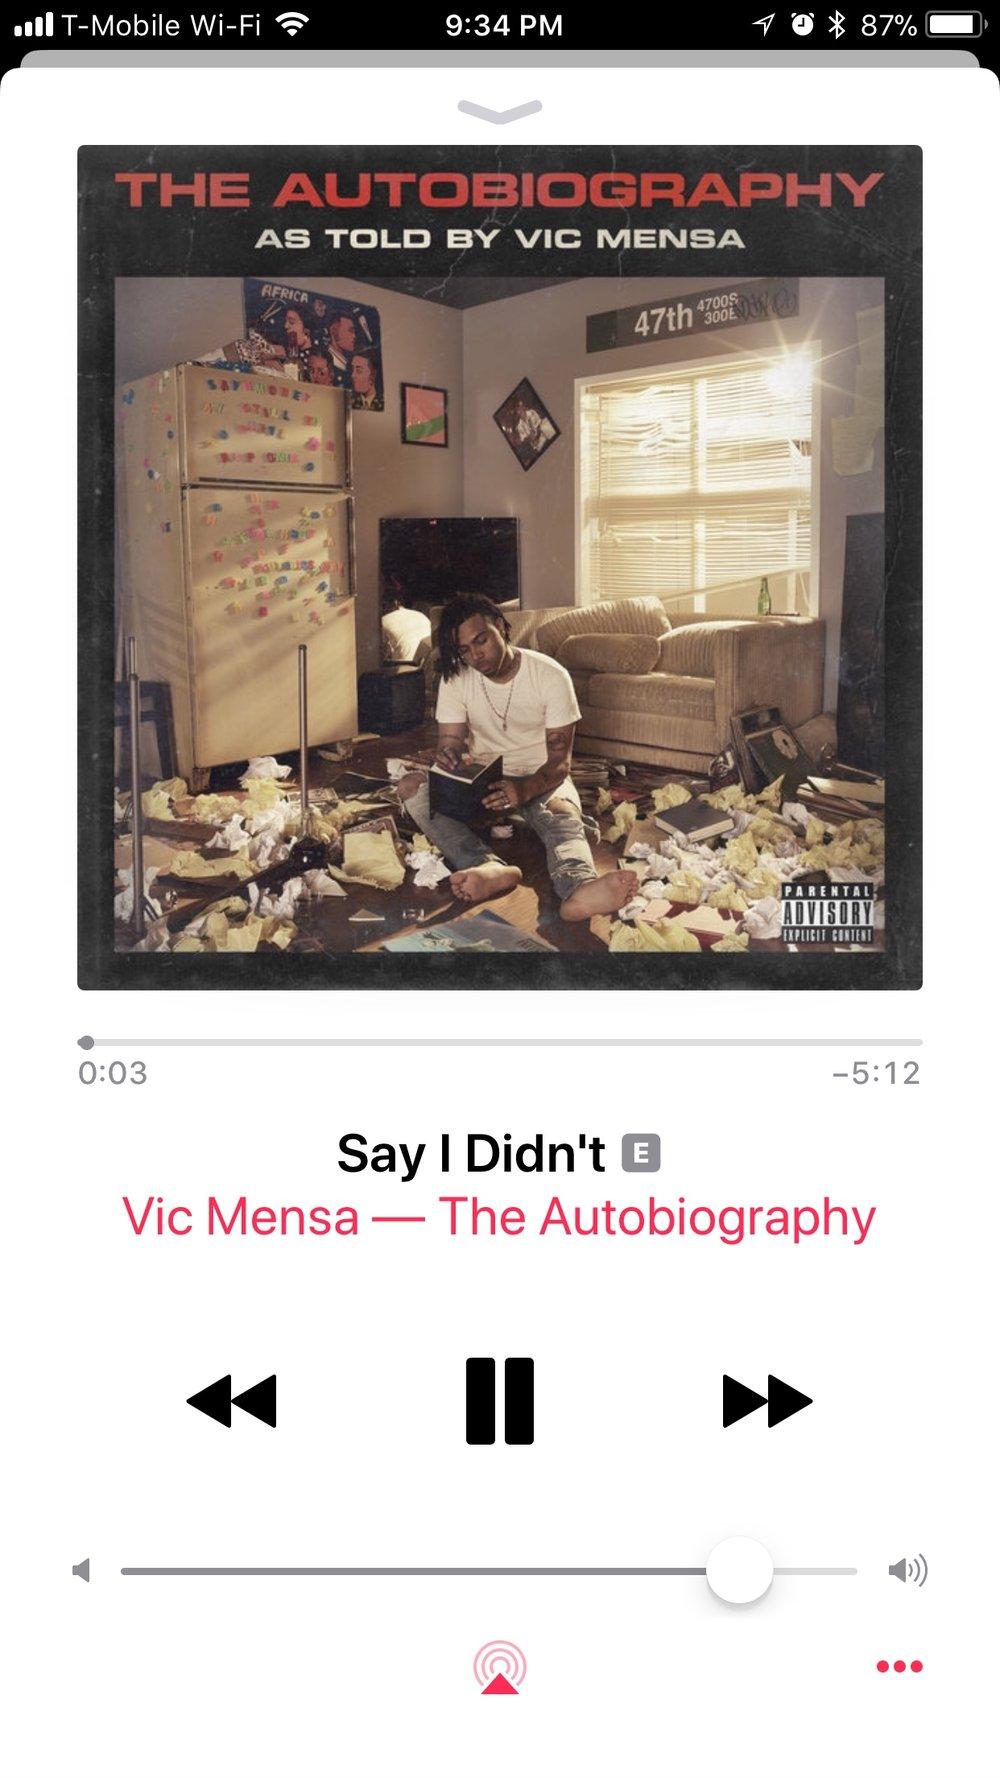 Vic Mensa